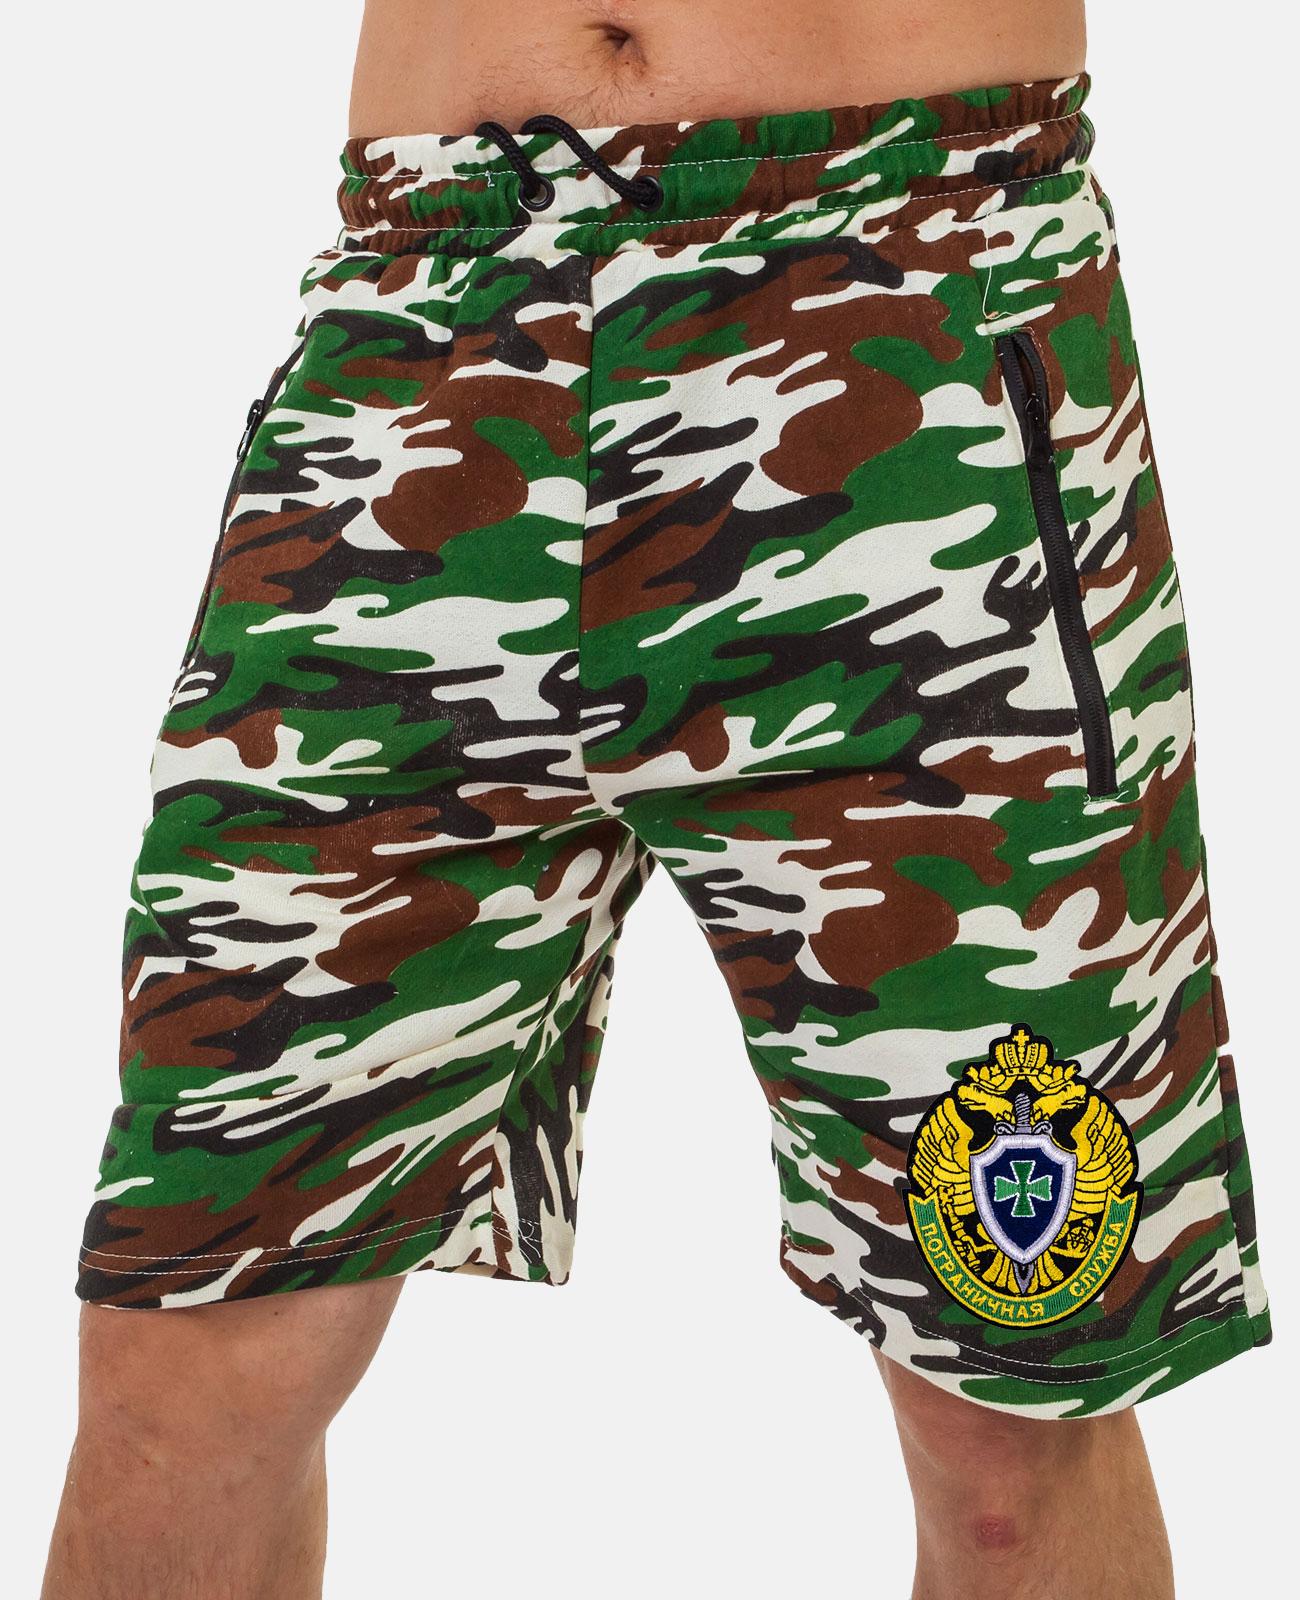 Купить мужские камуфляжные шорты с шевроном Погранслужбы по демократичной цене